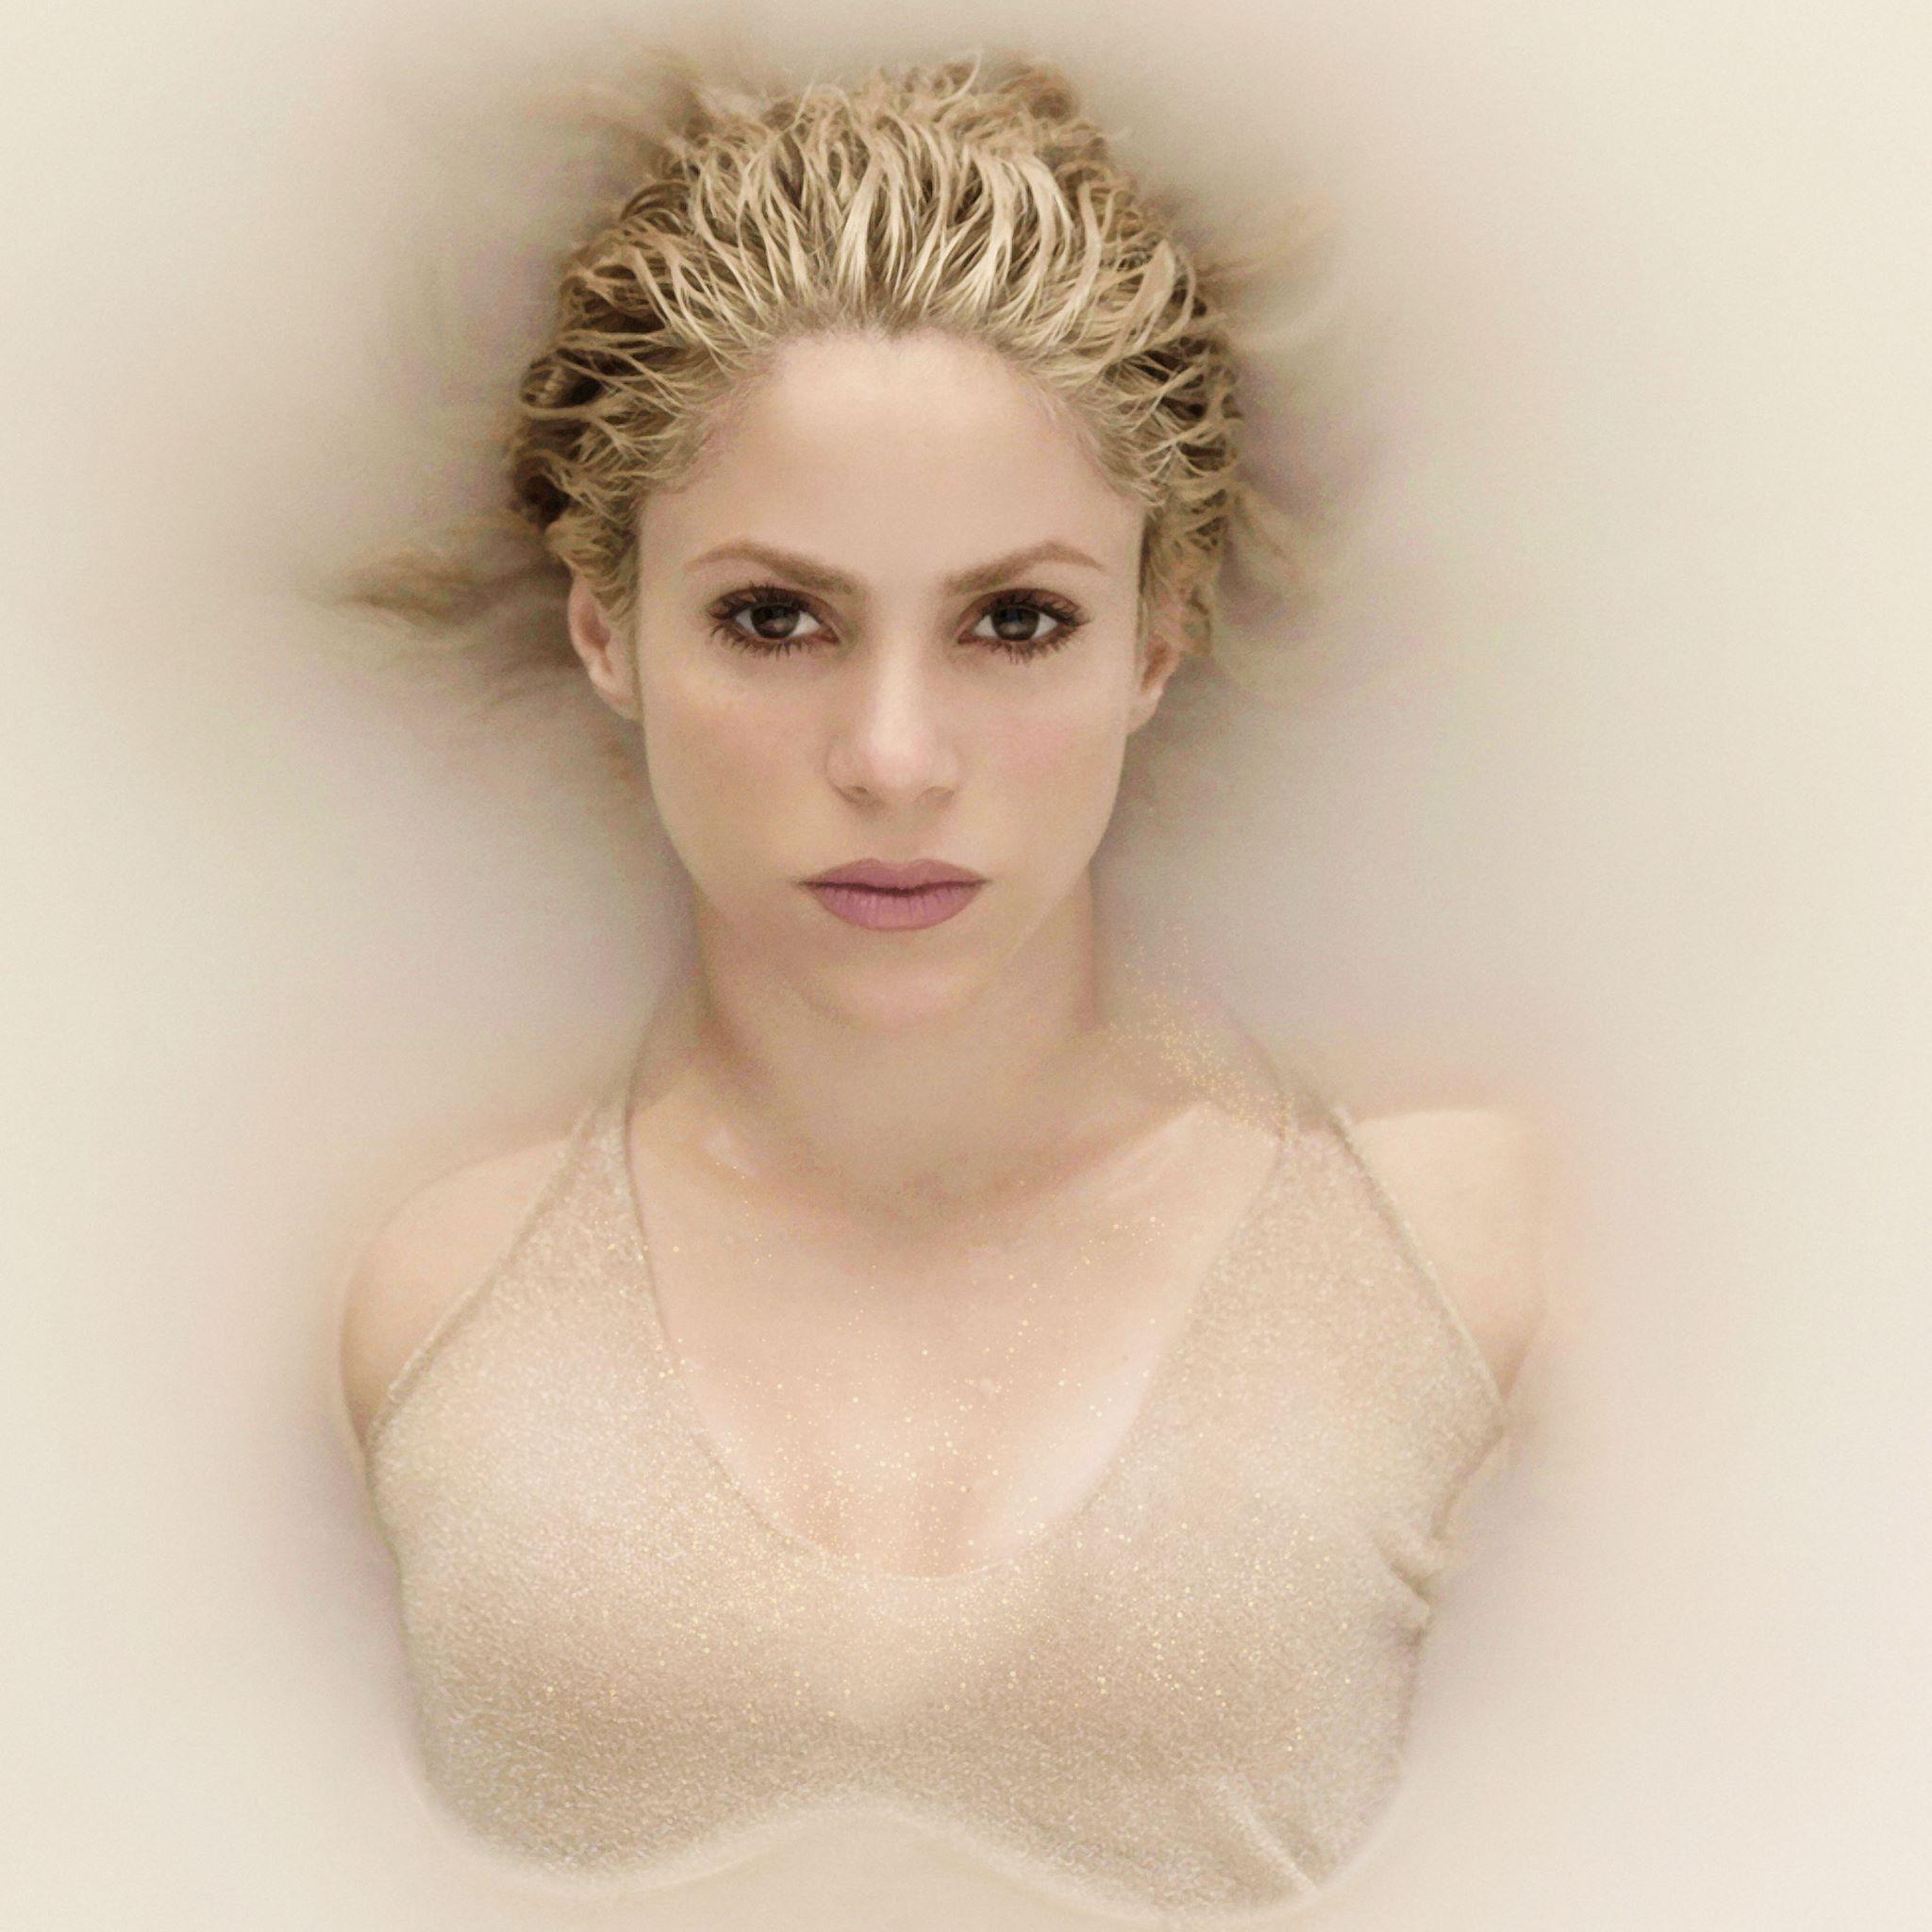 Pin by Danielle Millar on Shakira Shakira music, Shakira